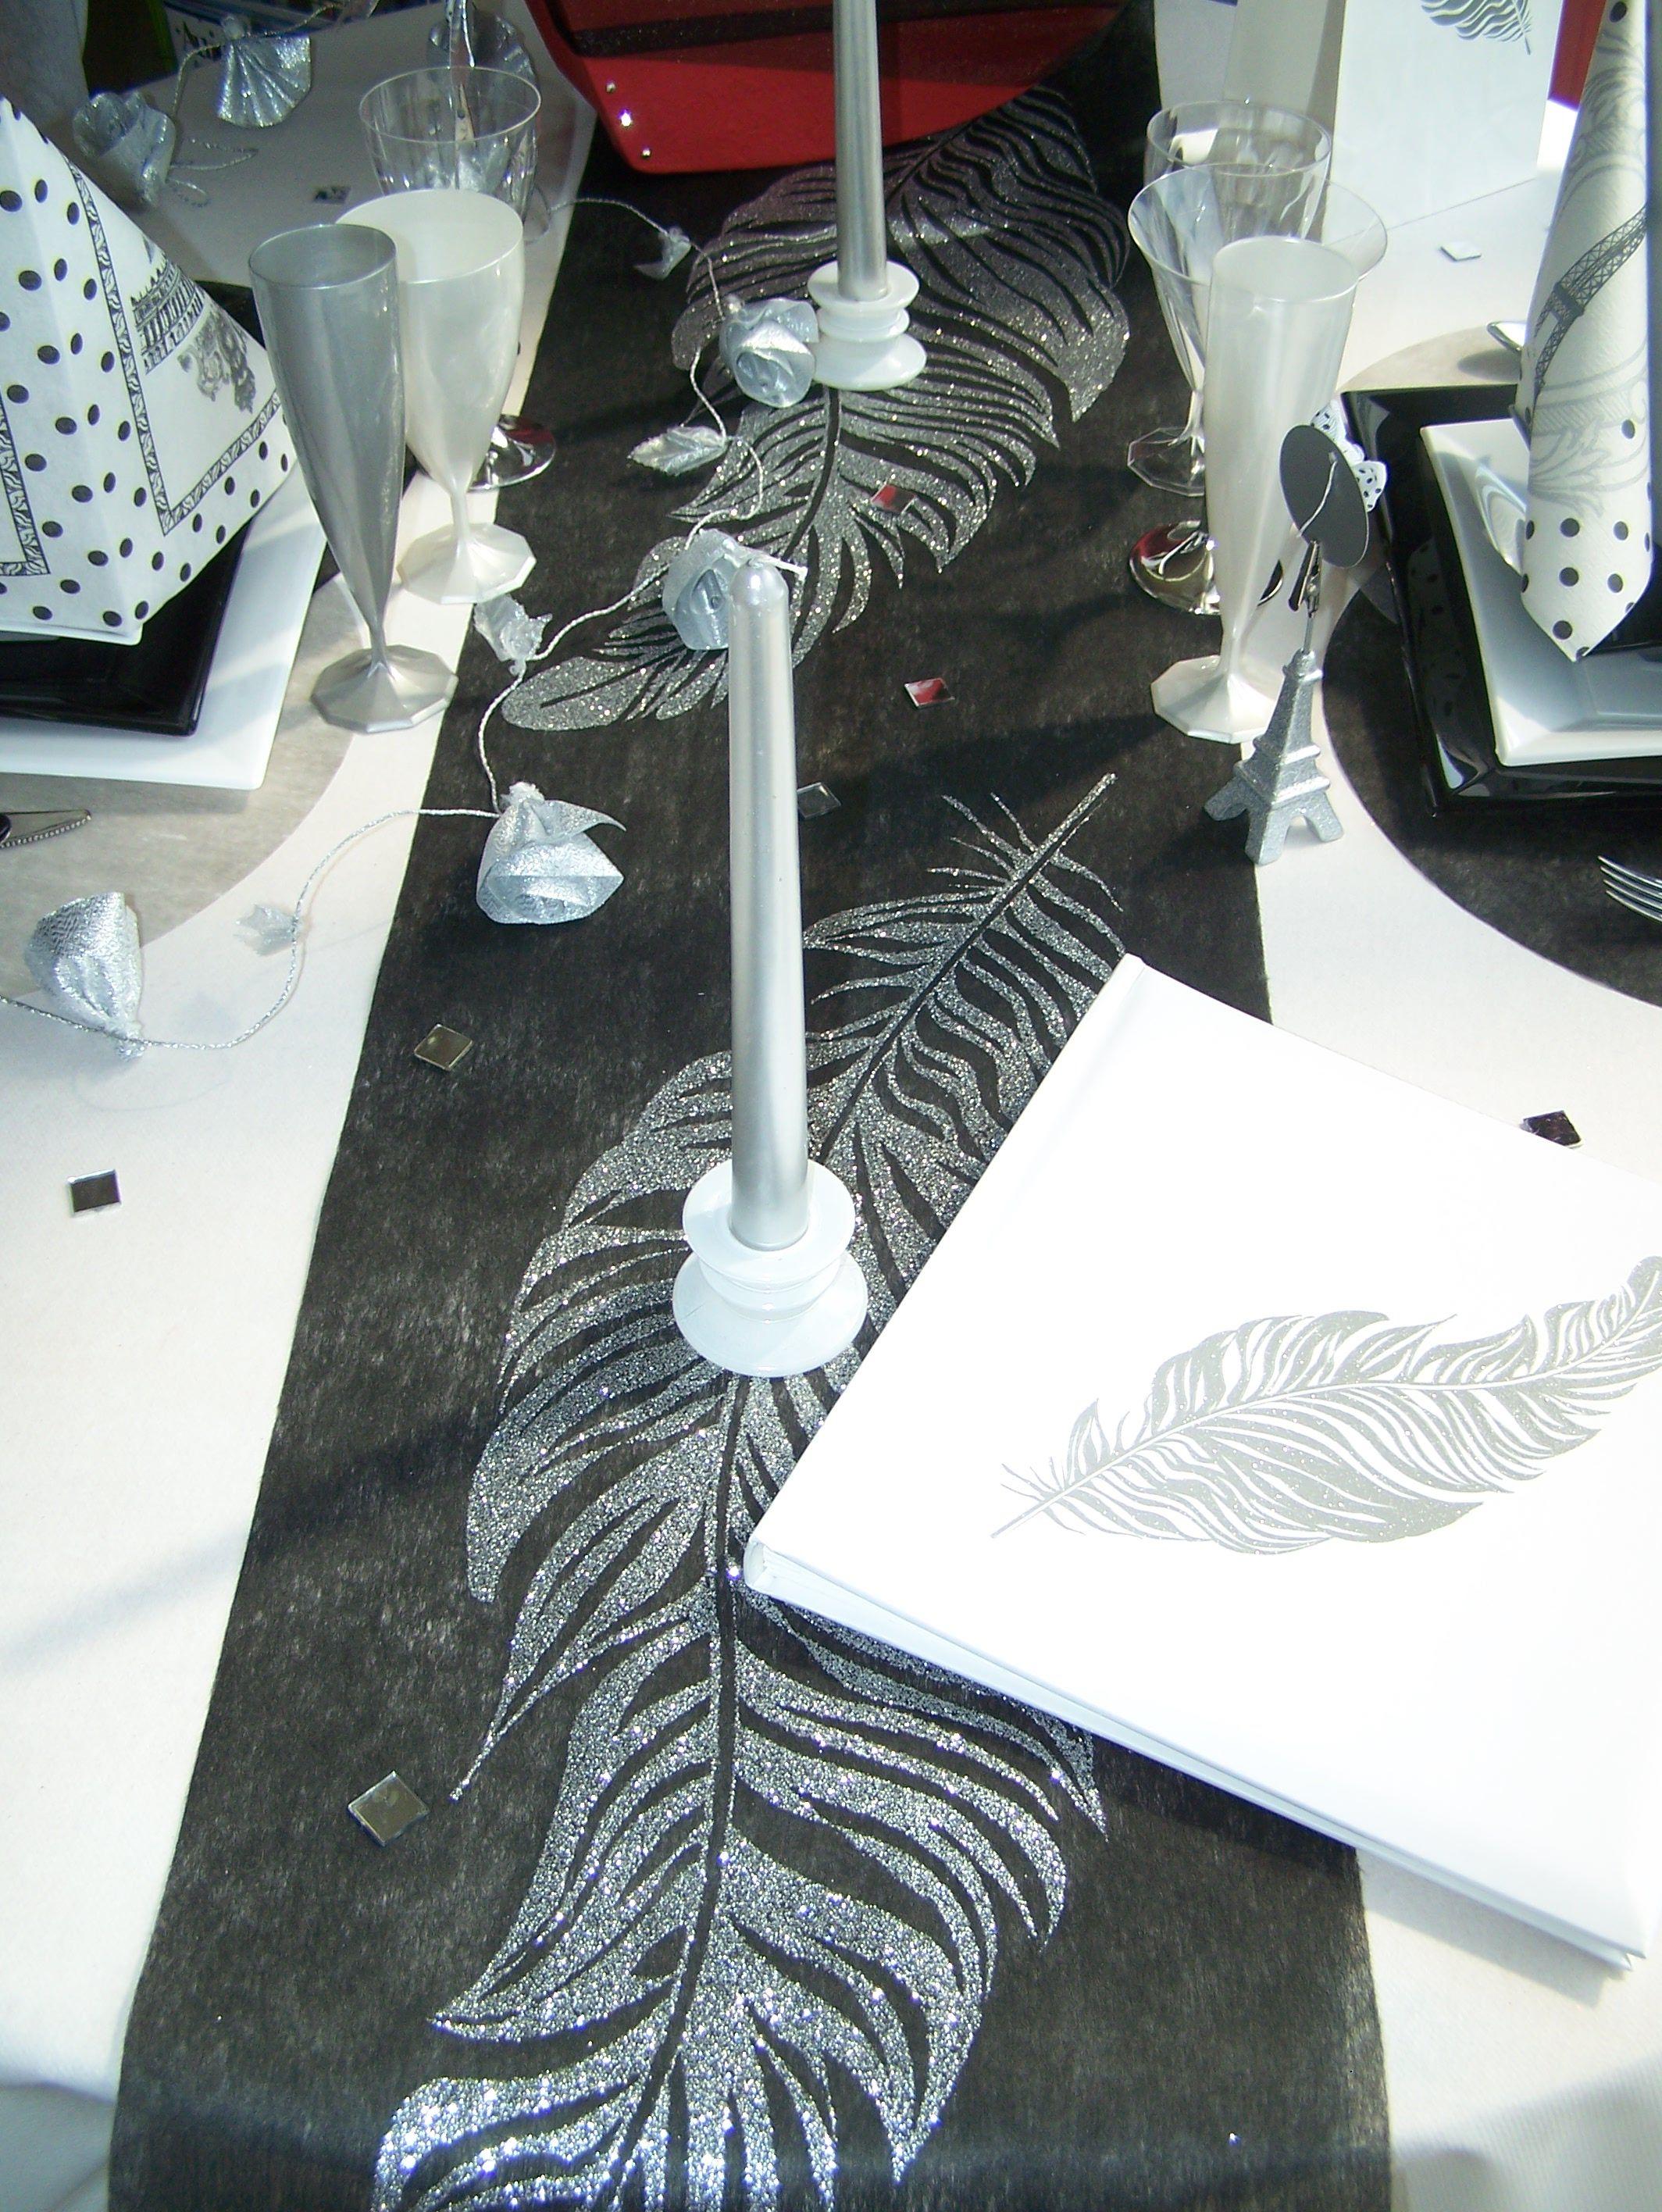 décoration de table noire, blanche et argent. peut convenir pour le